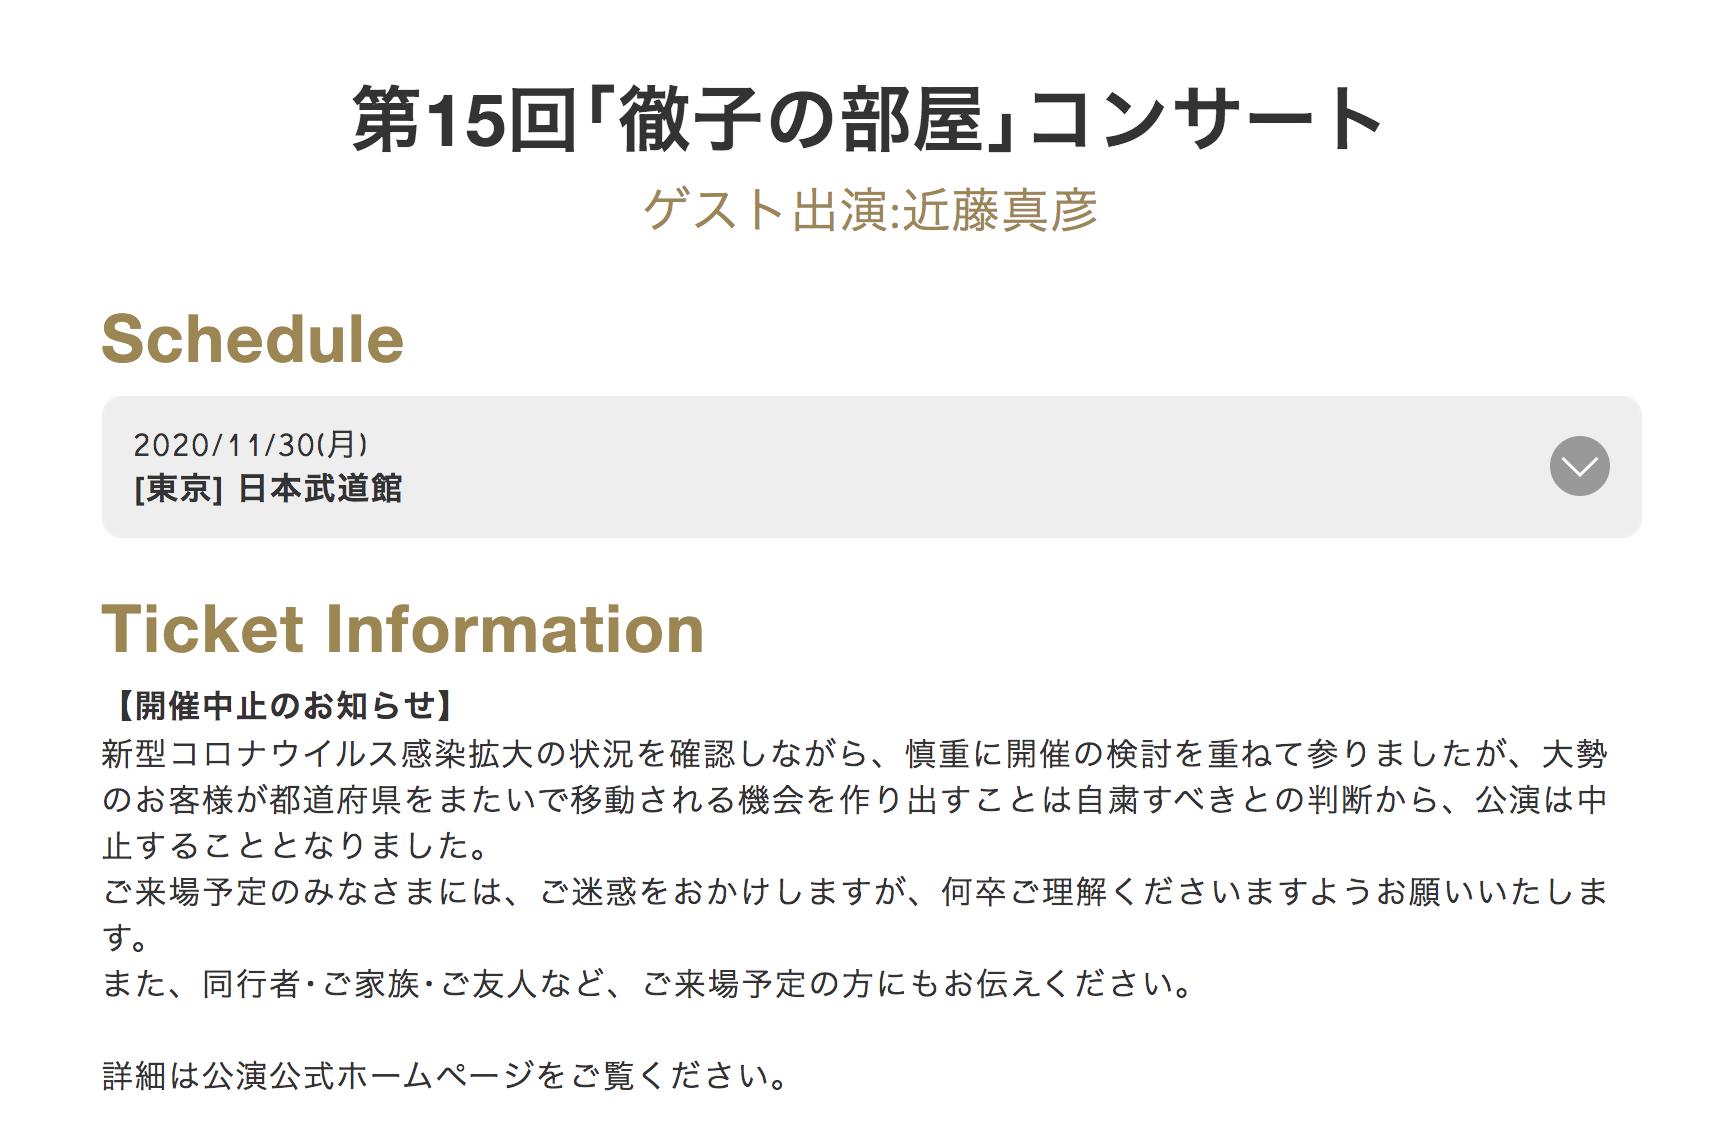 近藤真彦さんのスケジュール